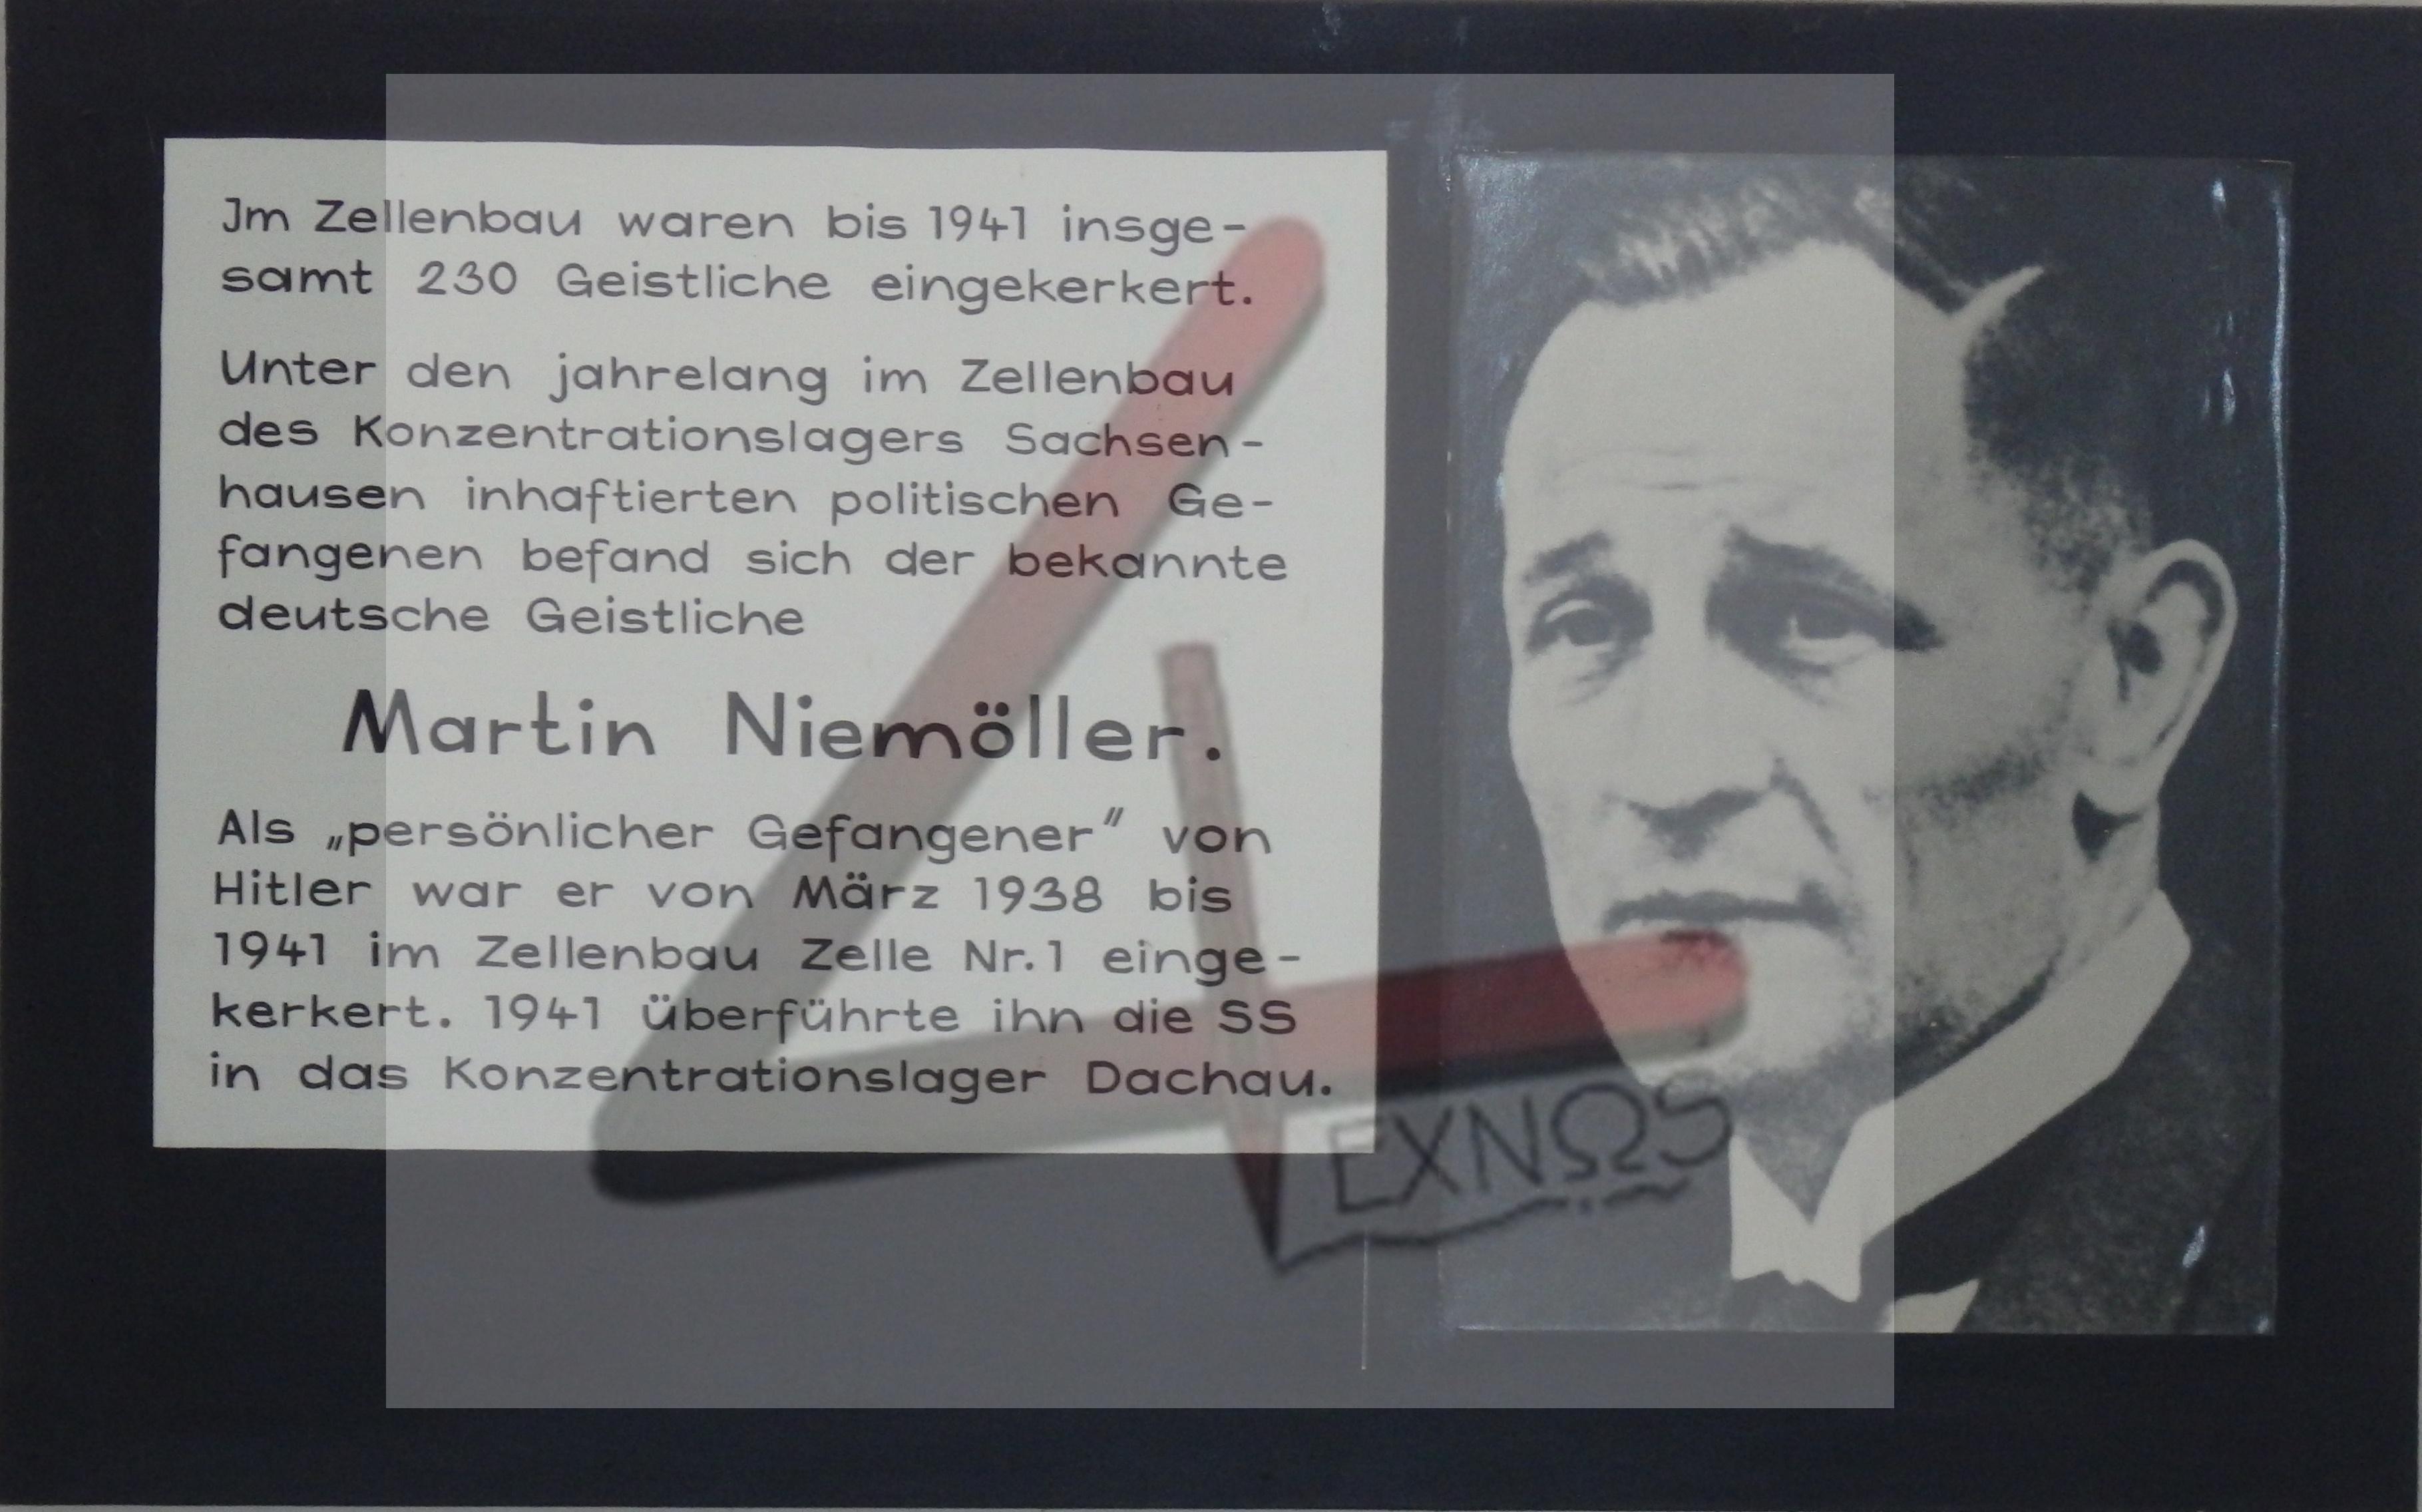 «Μέχρι το 1941 κρατούνται στην απομόνωση 230 ιερείς. Ανάμεσα στους πολιτικούς κρατούμενους, που κρατούνται χρόνια στα κελιά απομόνωσης του Στρατοπέδου Σακσενχάουζεν, βρίσκεται και ο επιφανής κληρικός ΜΑΡΤΙΝ ΝΙΜΕΛΕΡ Από τον Μάρτιο του 1938 έως και το 1941 κρατείται στο κελί 1 της πτέρυγας απομόνωσης ως προσωπικός κρατούμενος του Χίτλερ. Το 1941 θα οδηγηθεί από τα SS στο στρατόπεδο του ΝΤΑΧΑΟΥ» (Μετάφραση του περιεχομένου τη τιμητικής πλακέτας που υπάρχει στο κελί που κρατούνταν ο Μ. Νίμελερ στο στρατόπεδο Σακσενχάουζεν όπου οι ναζί διέθεταν ειδική πτέρυγα με κελιά για σημαντικούς κρατούμενους όπως ο ΝΙΜΕΛΕΡ - στην άκρη του στρατοπέδου και αθέατο από τους υπόλοιπους κρατούμενους)